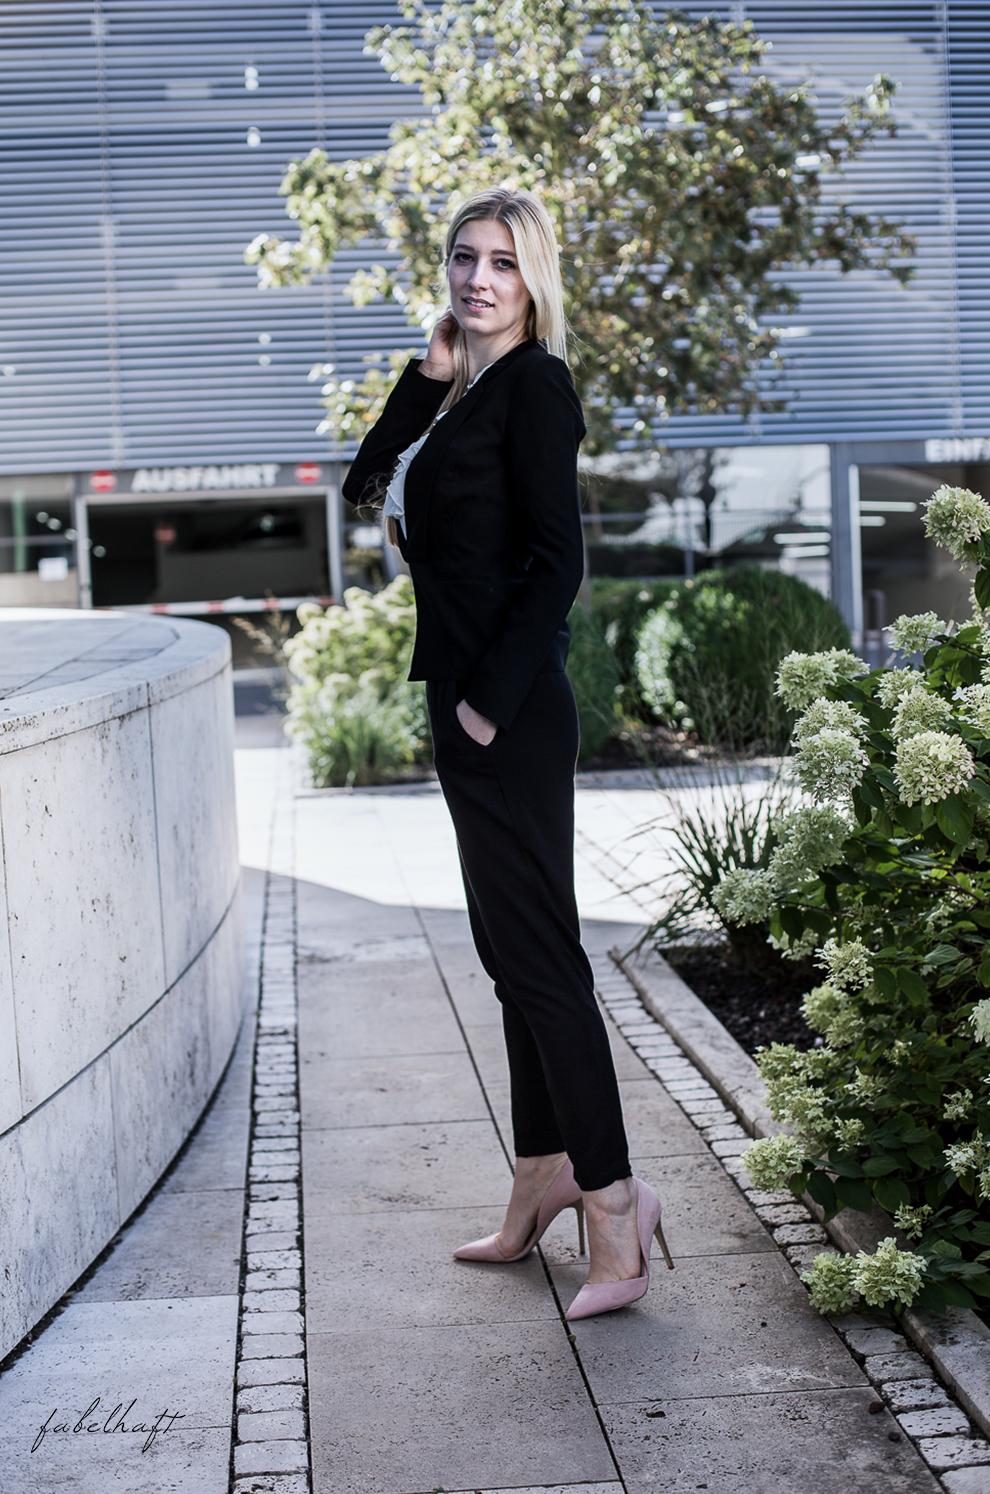 Business Outfit Girlboss Kostüm Fashion Style Liebeskind Fein & fabelhaft Fashion Trend Reken Maar 4